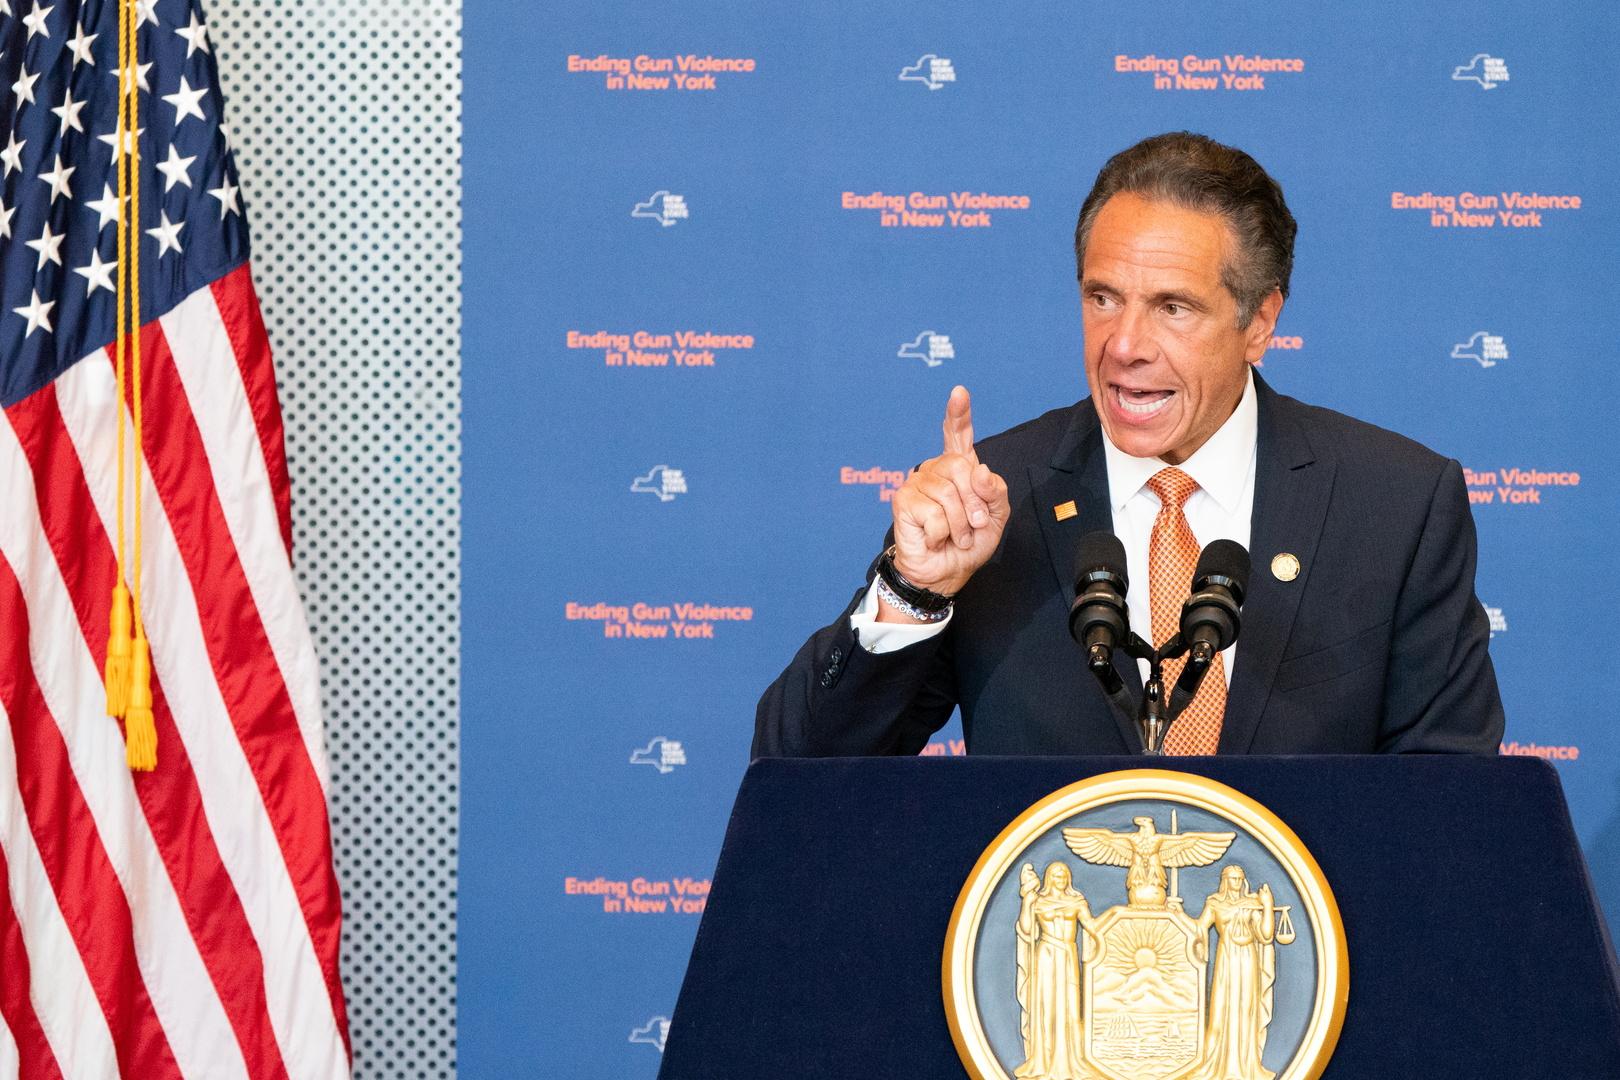 نيويورك تحظر زواج القاصرات وترفع سن القبول إلى  18 سنة